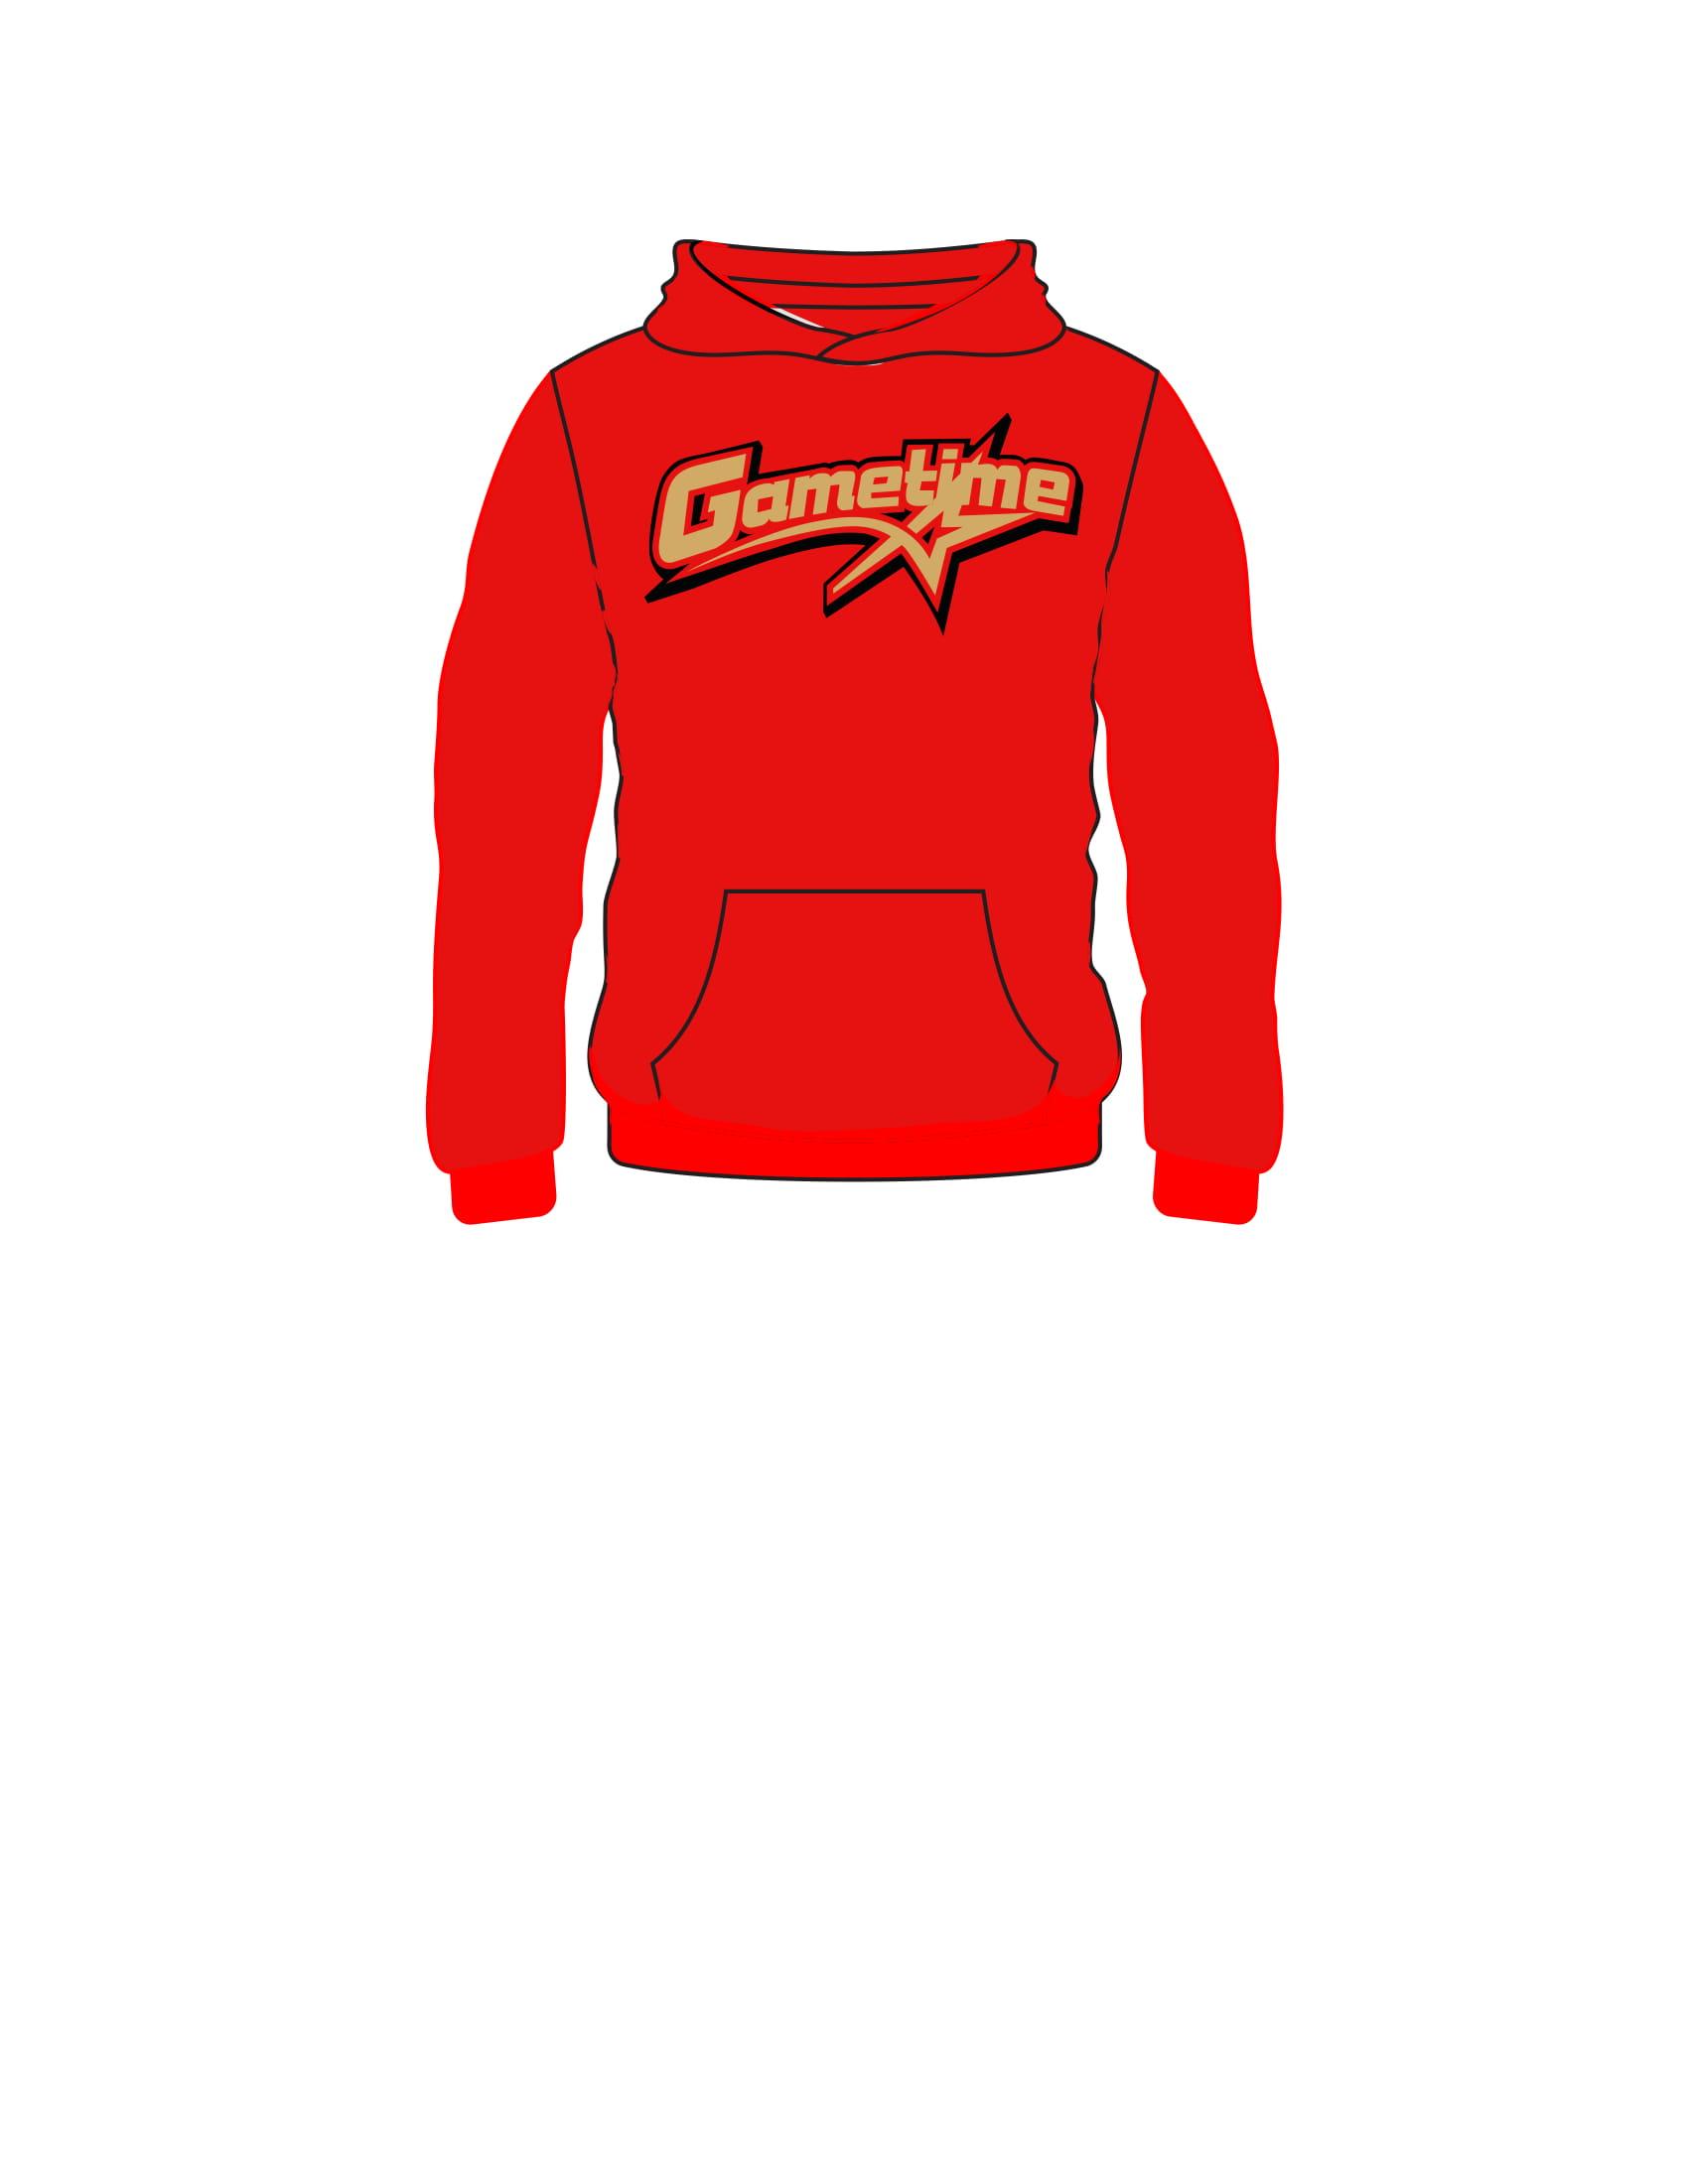 GAMETIME hooded sweatshirt